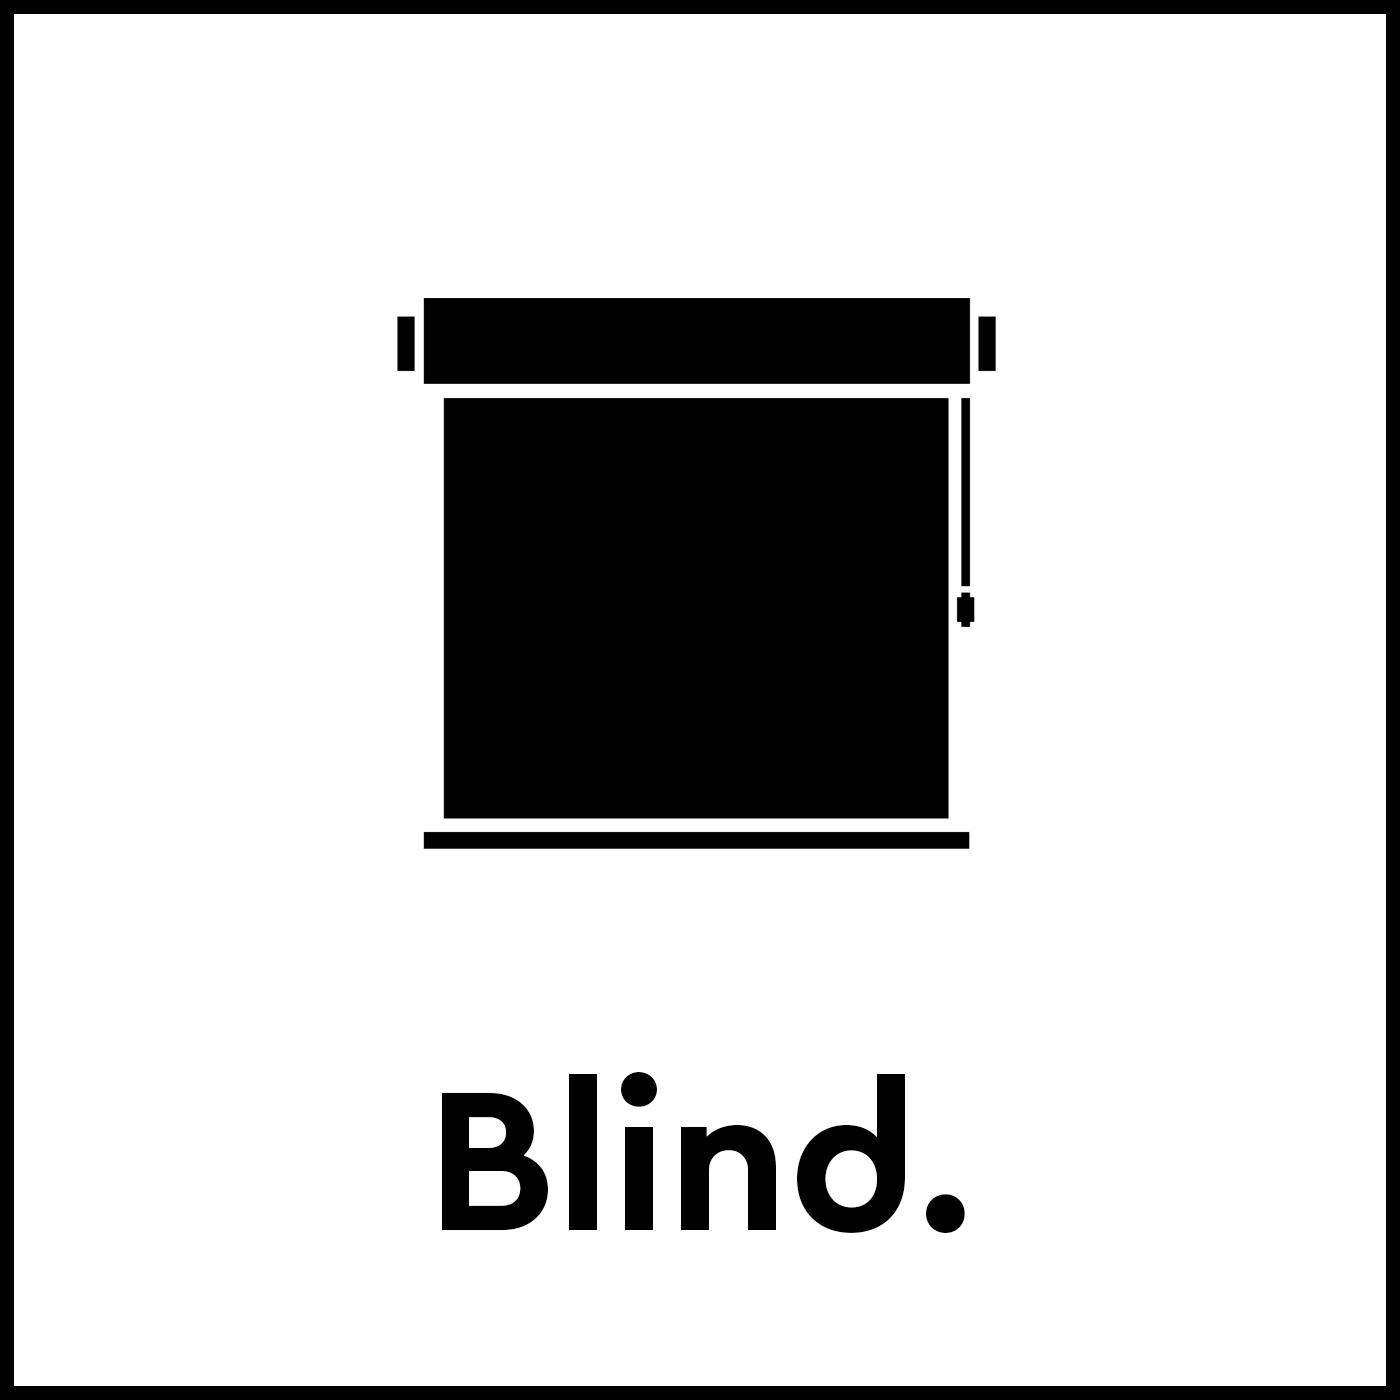 Bloc Smart Room Controls - Blinds